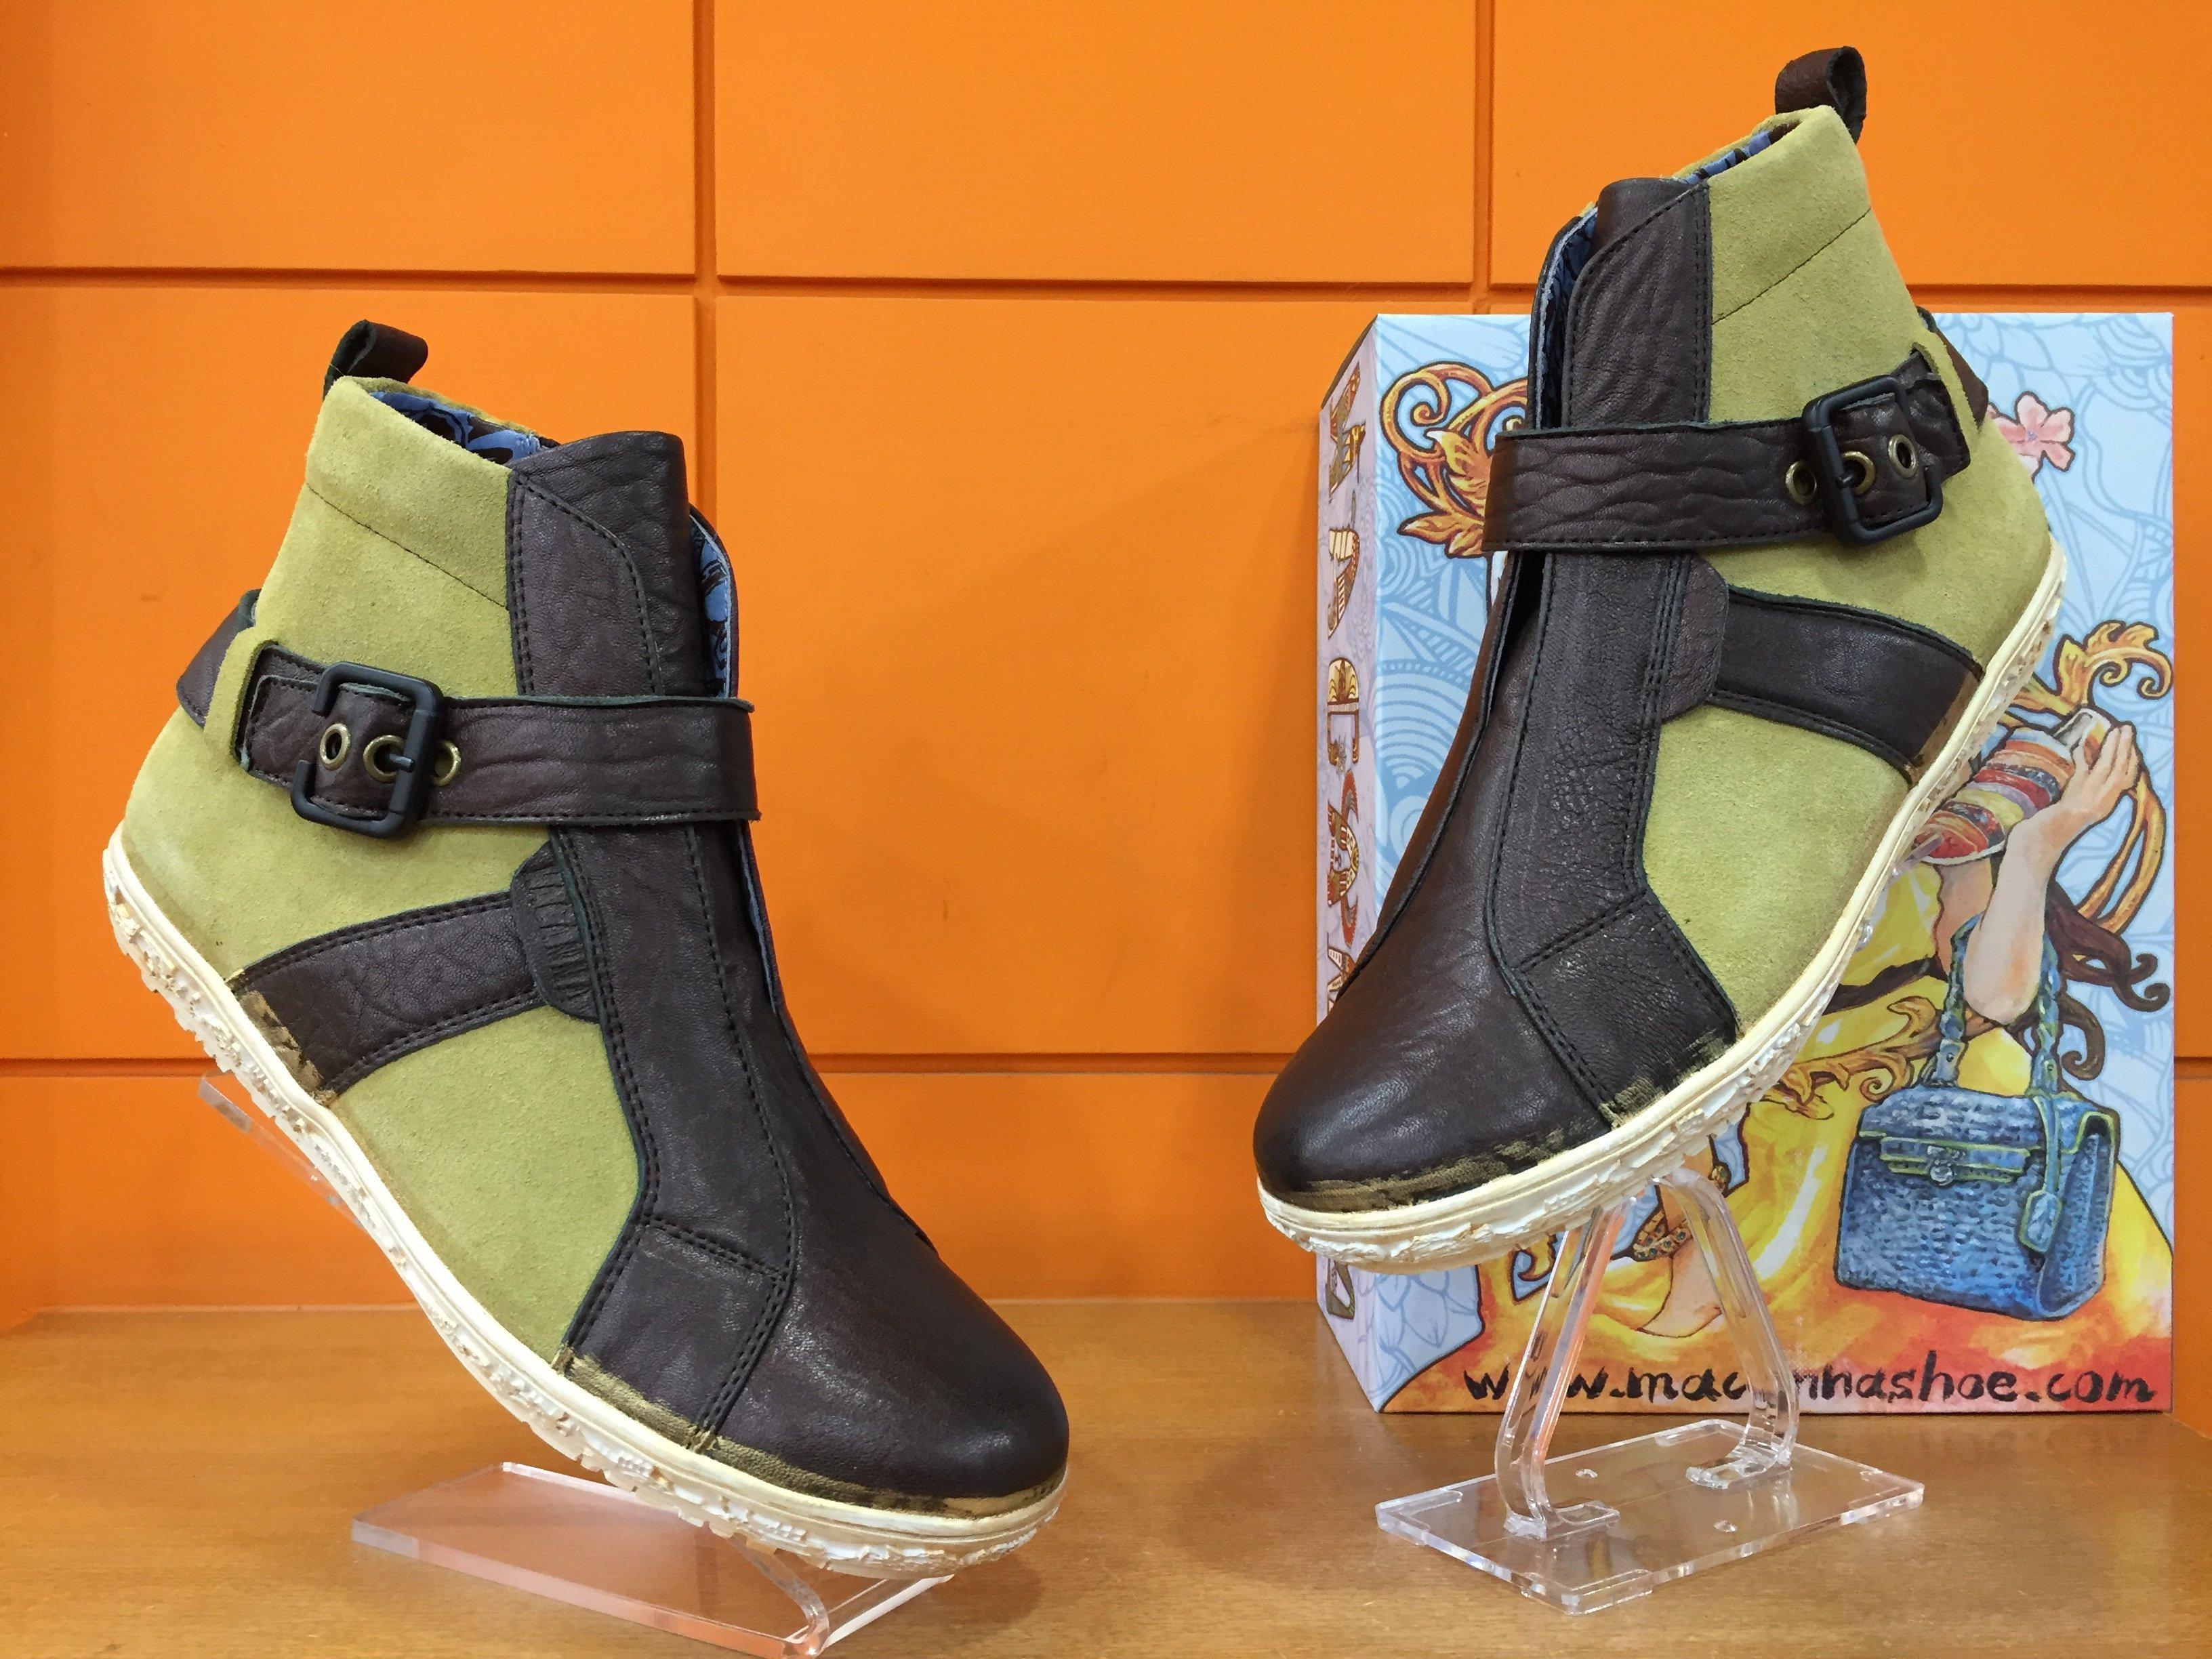 【阿典鞋店】**男鞋**Macanna**麥坎納專櫃~美迪亞系列~全新黃牛皮+羊皮休閒鞋203180